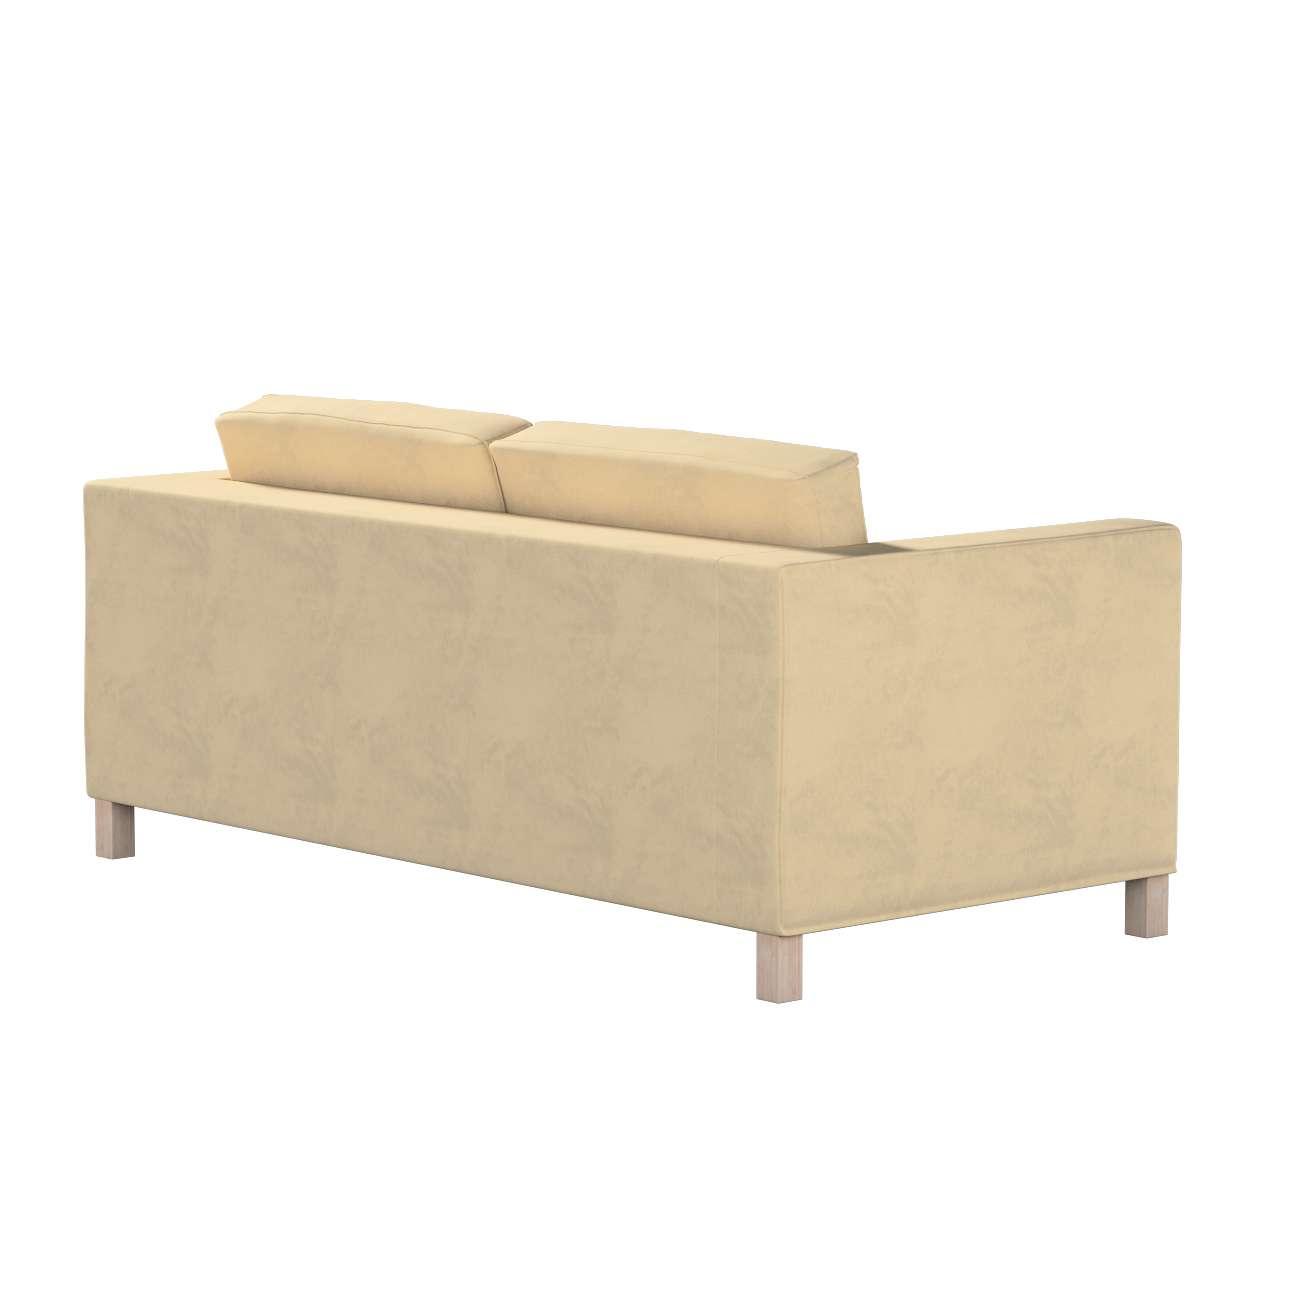 Pokrowiec na sofę Karlanda rozkładaną, krótki w kolekcji Living II, tkanina: 160-82